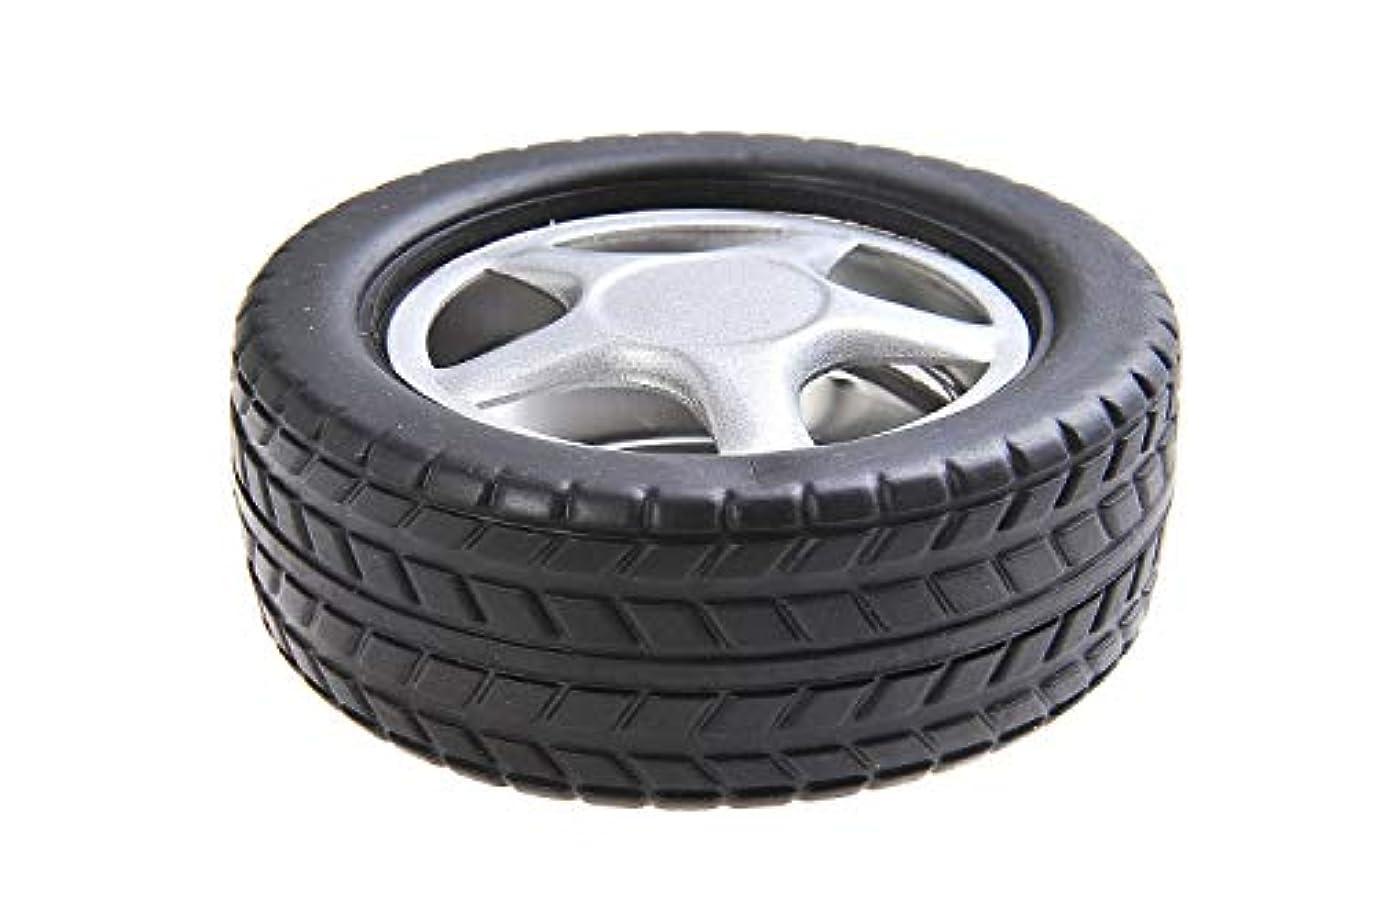 前兆近々ソートステンレススチールとプラスチック製の車のタイヤの形状で量子そろばんラウンド灰皿、